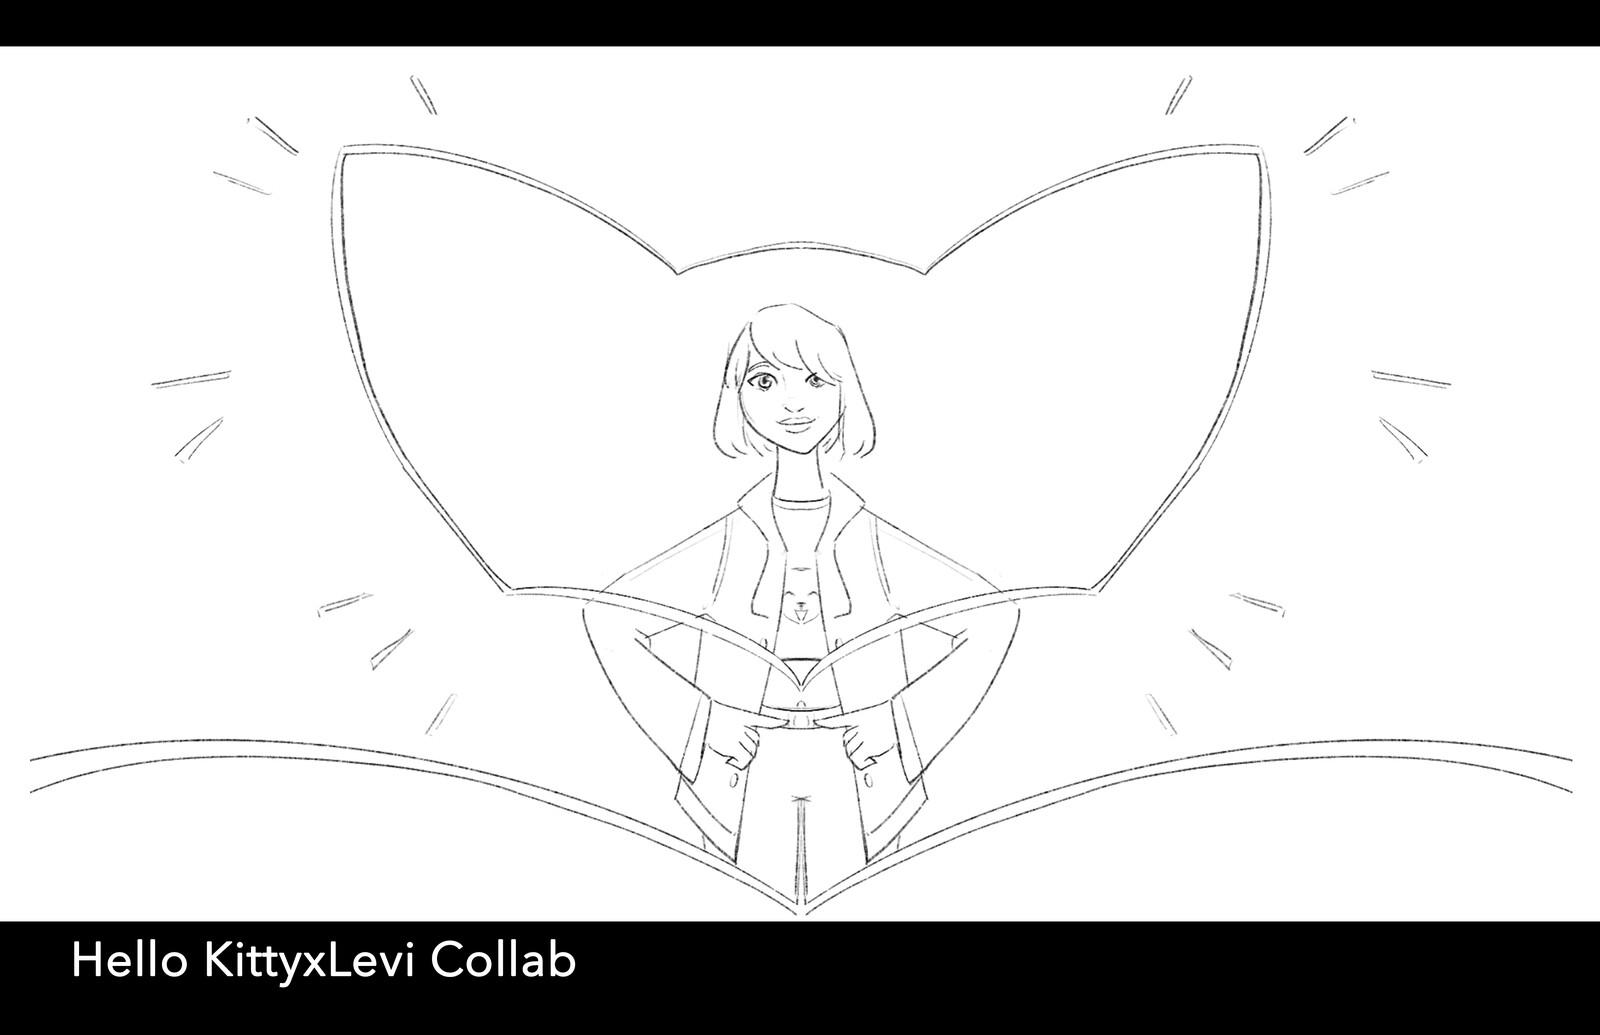 Hello KittyxLevi Collab - Storyboards